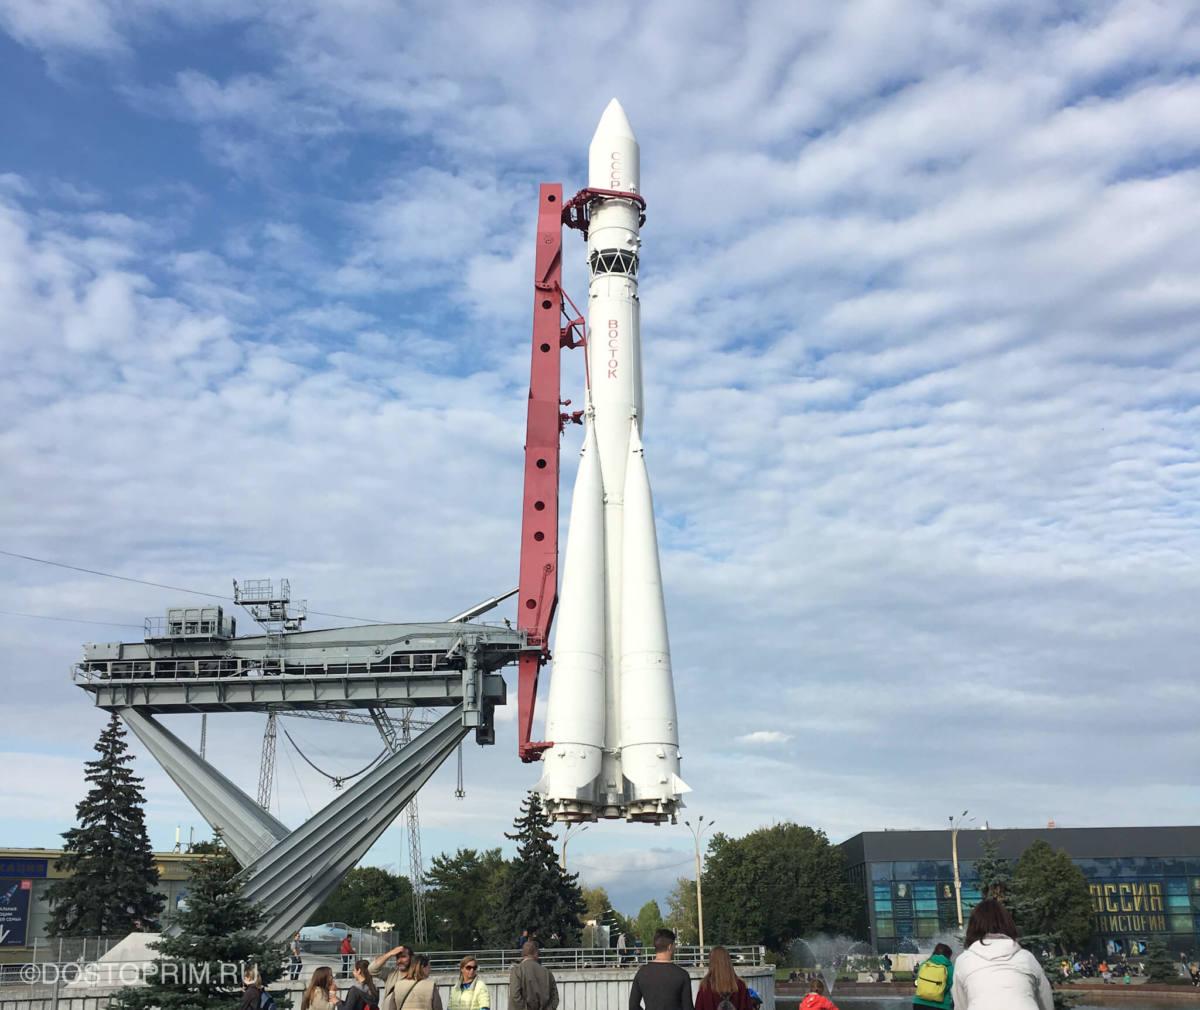 Копия ракеты «Восток» на площади промышленности